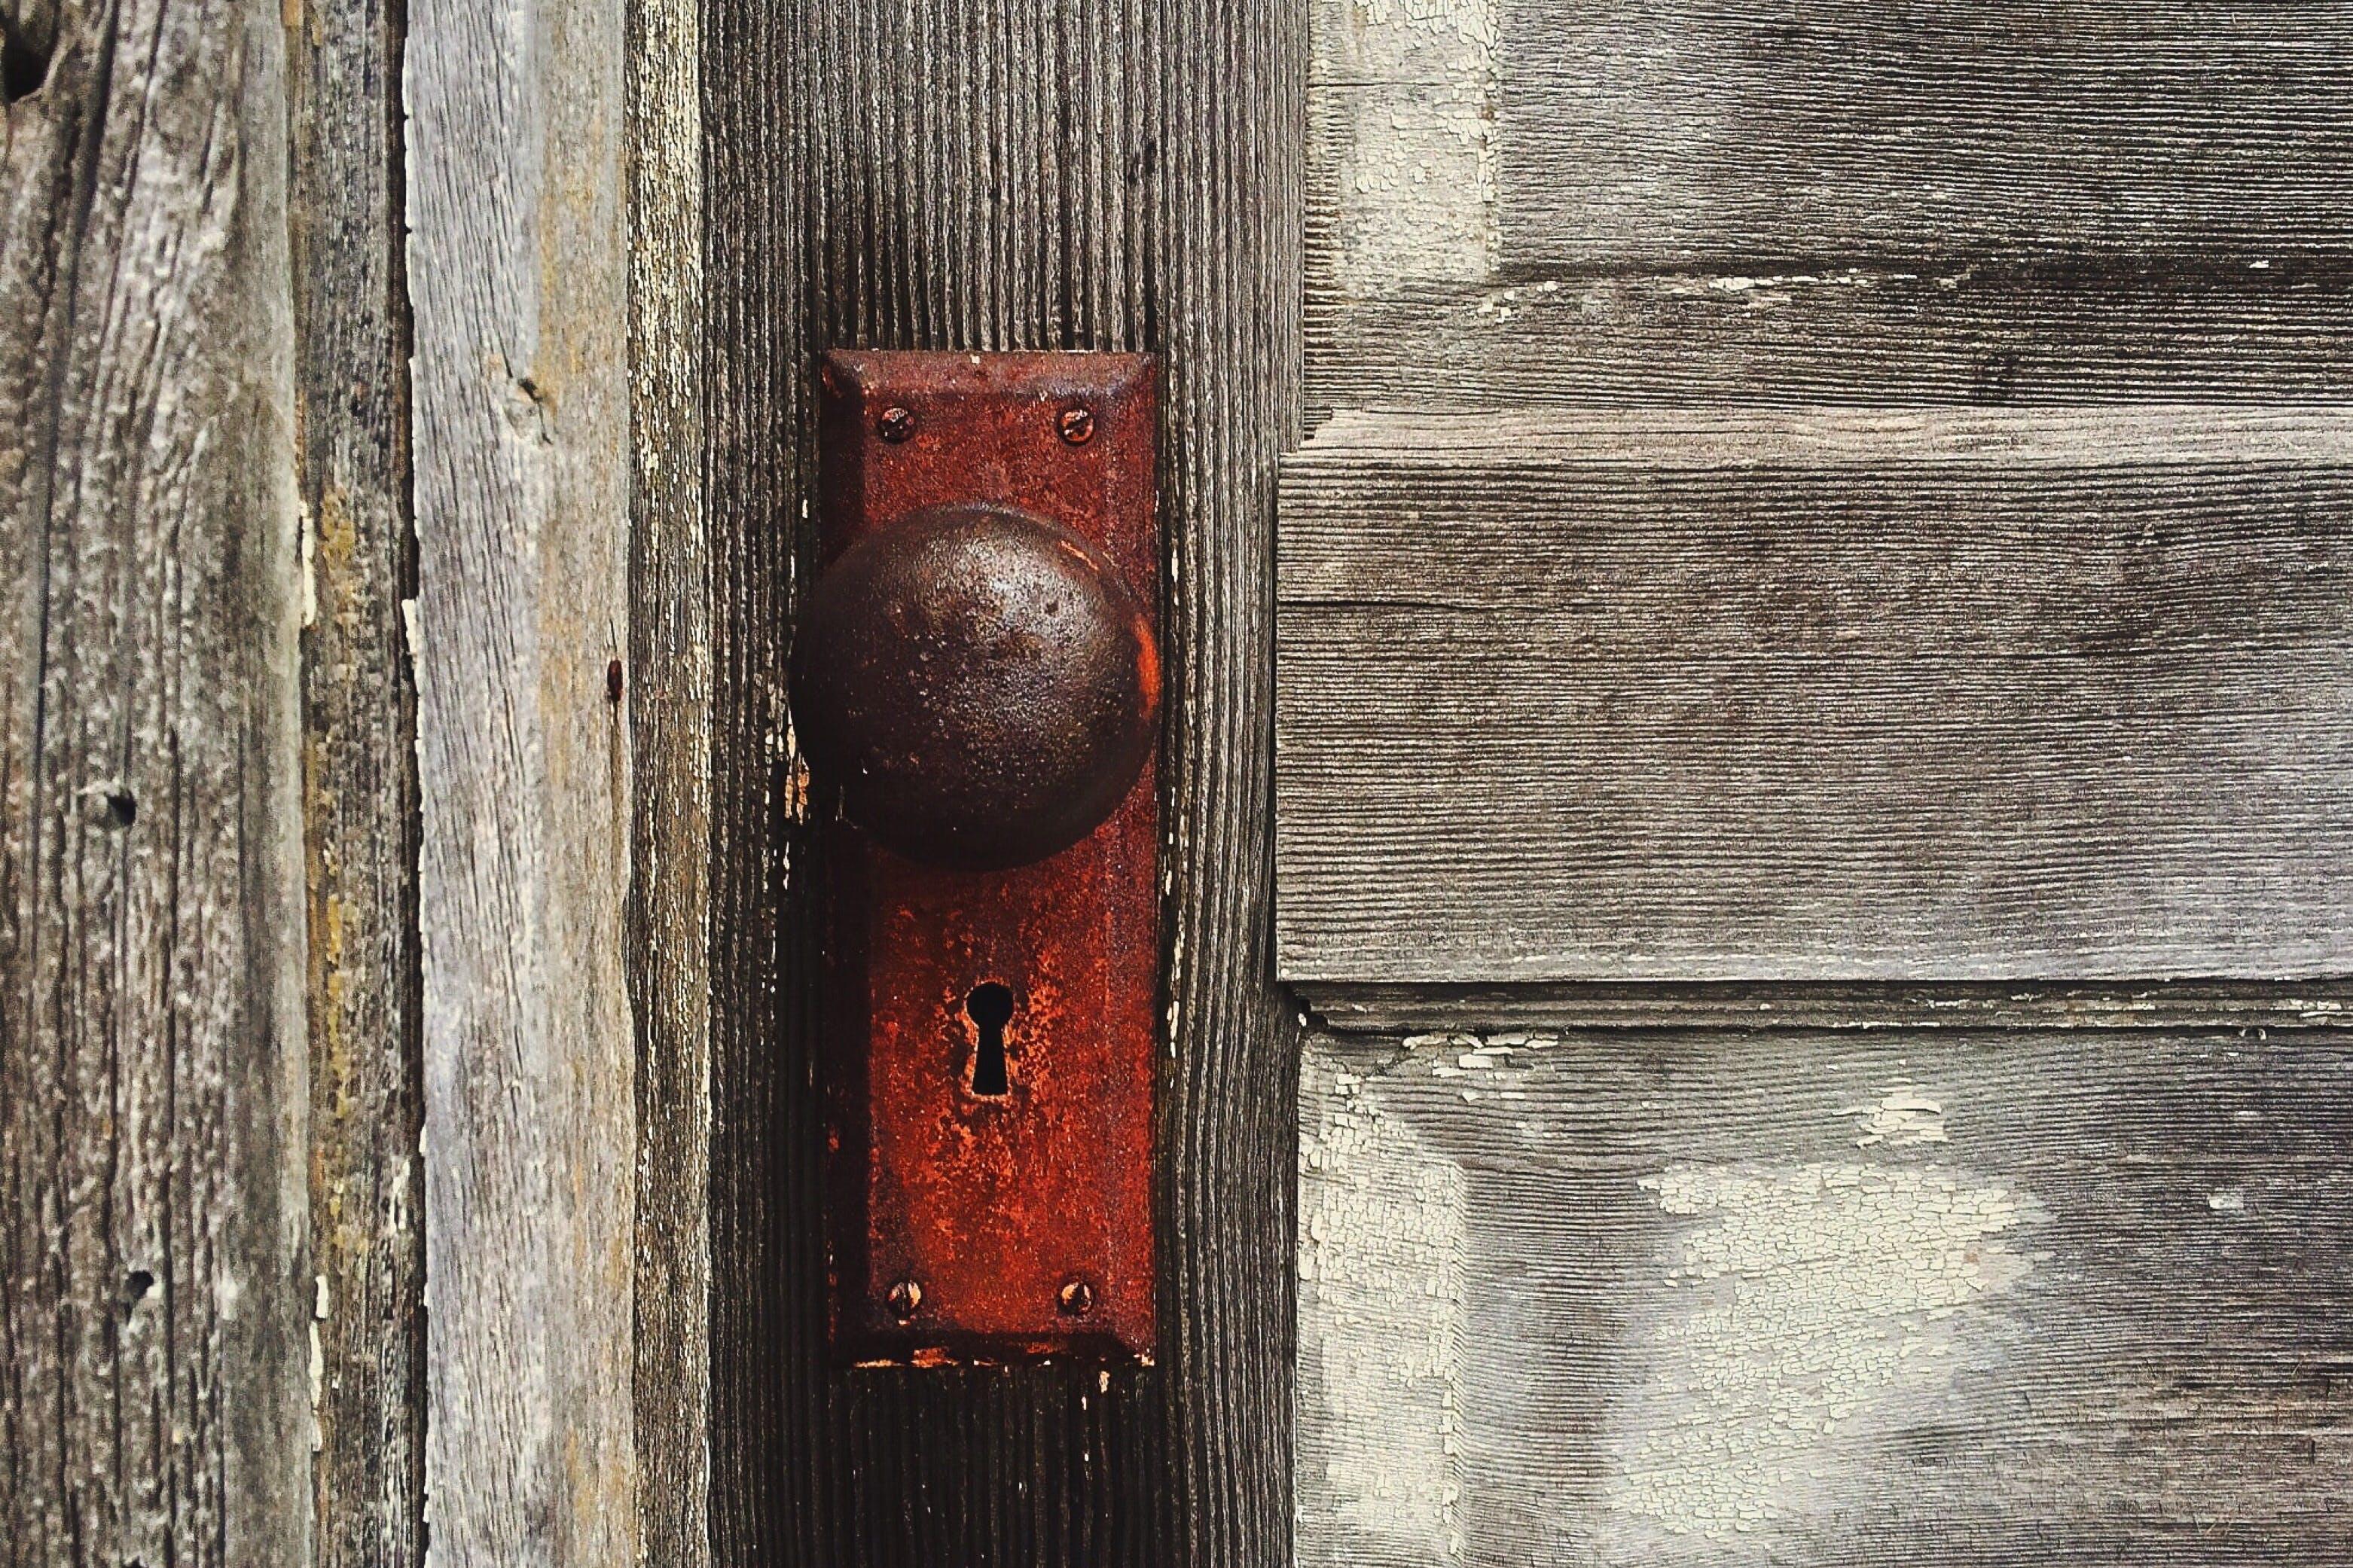 Brown Steel Door Knob